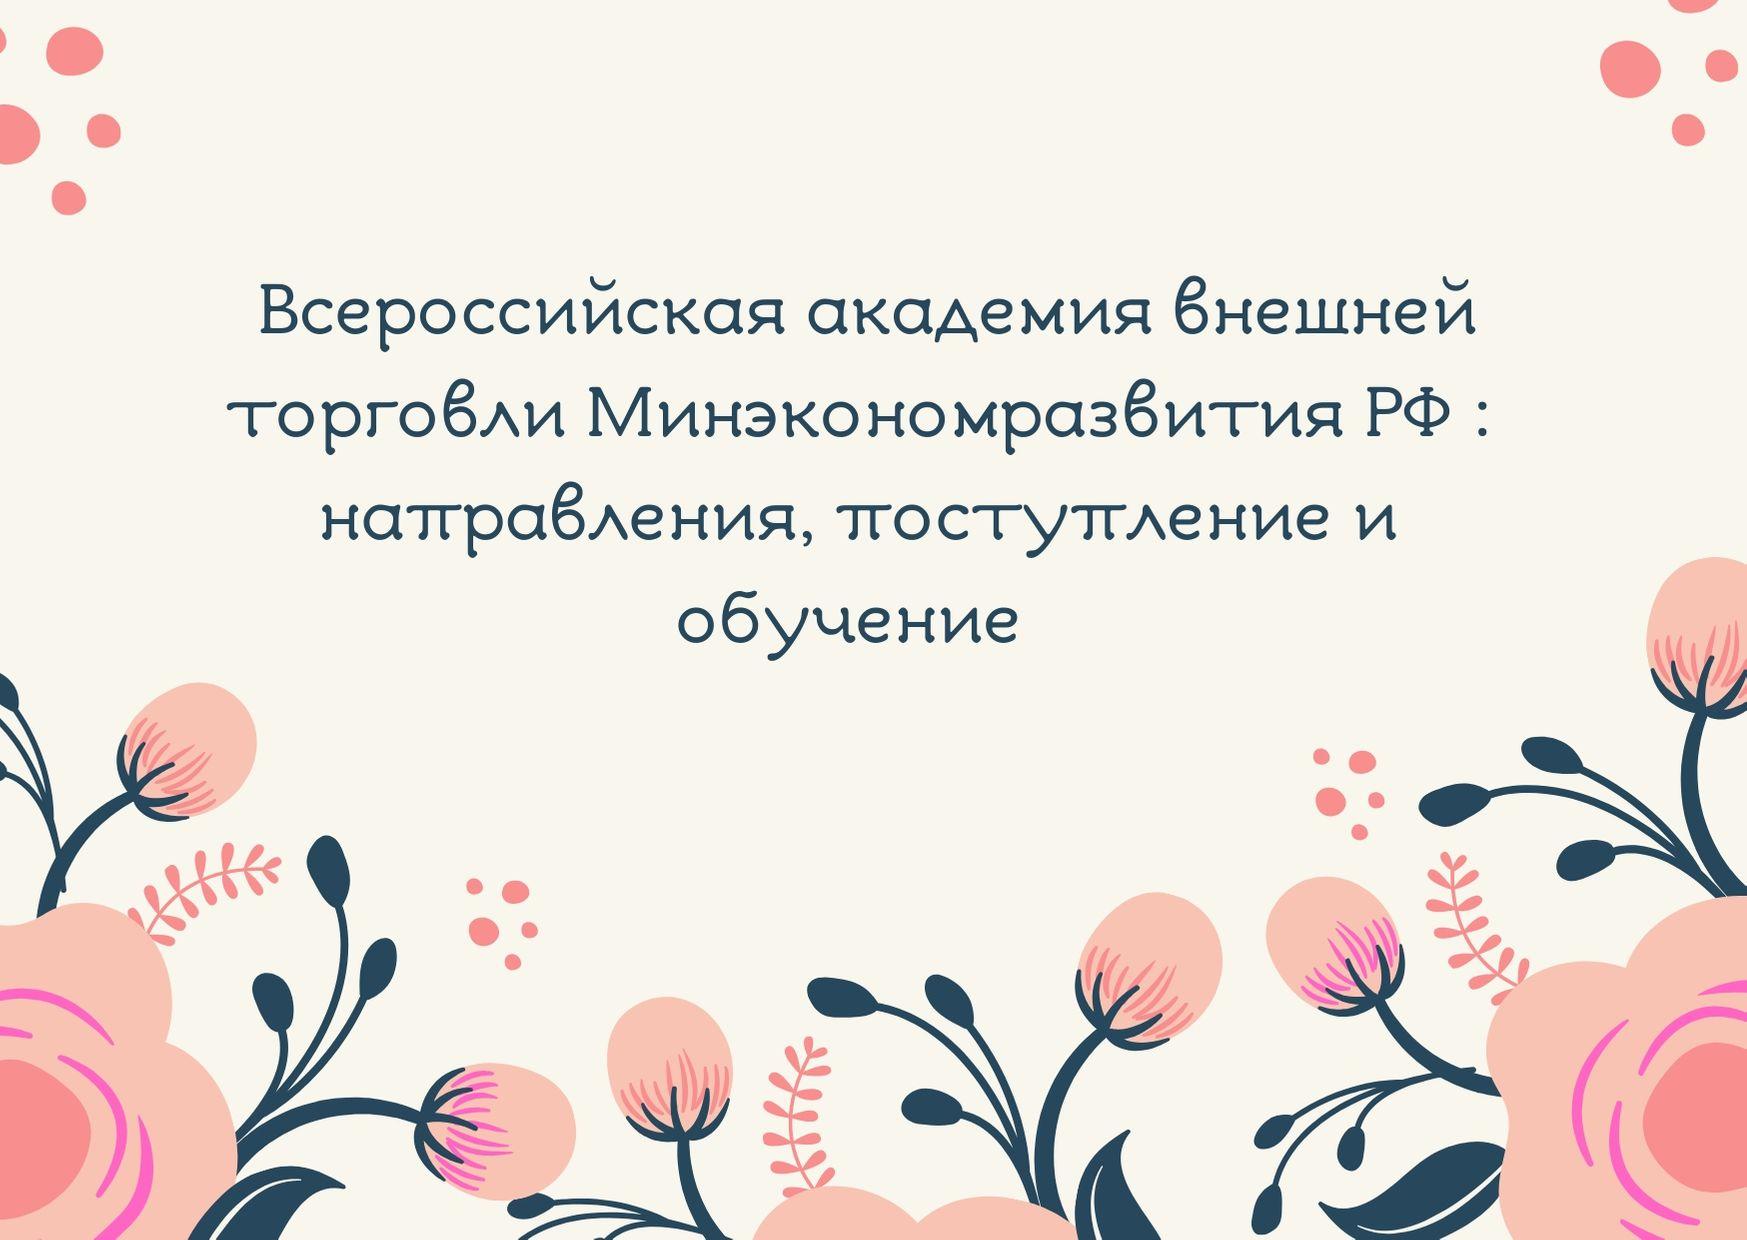 Всероссийская академия внешней торговли Минэкономразвития РФ : направления, поступление и обучение